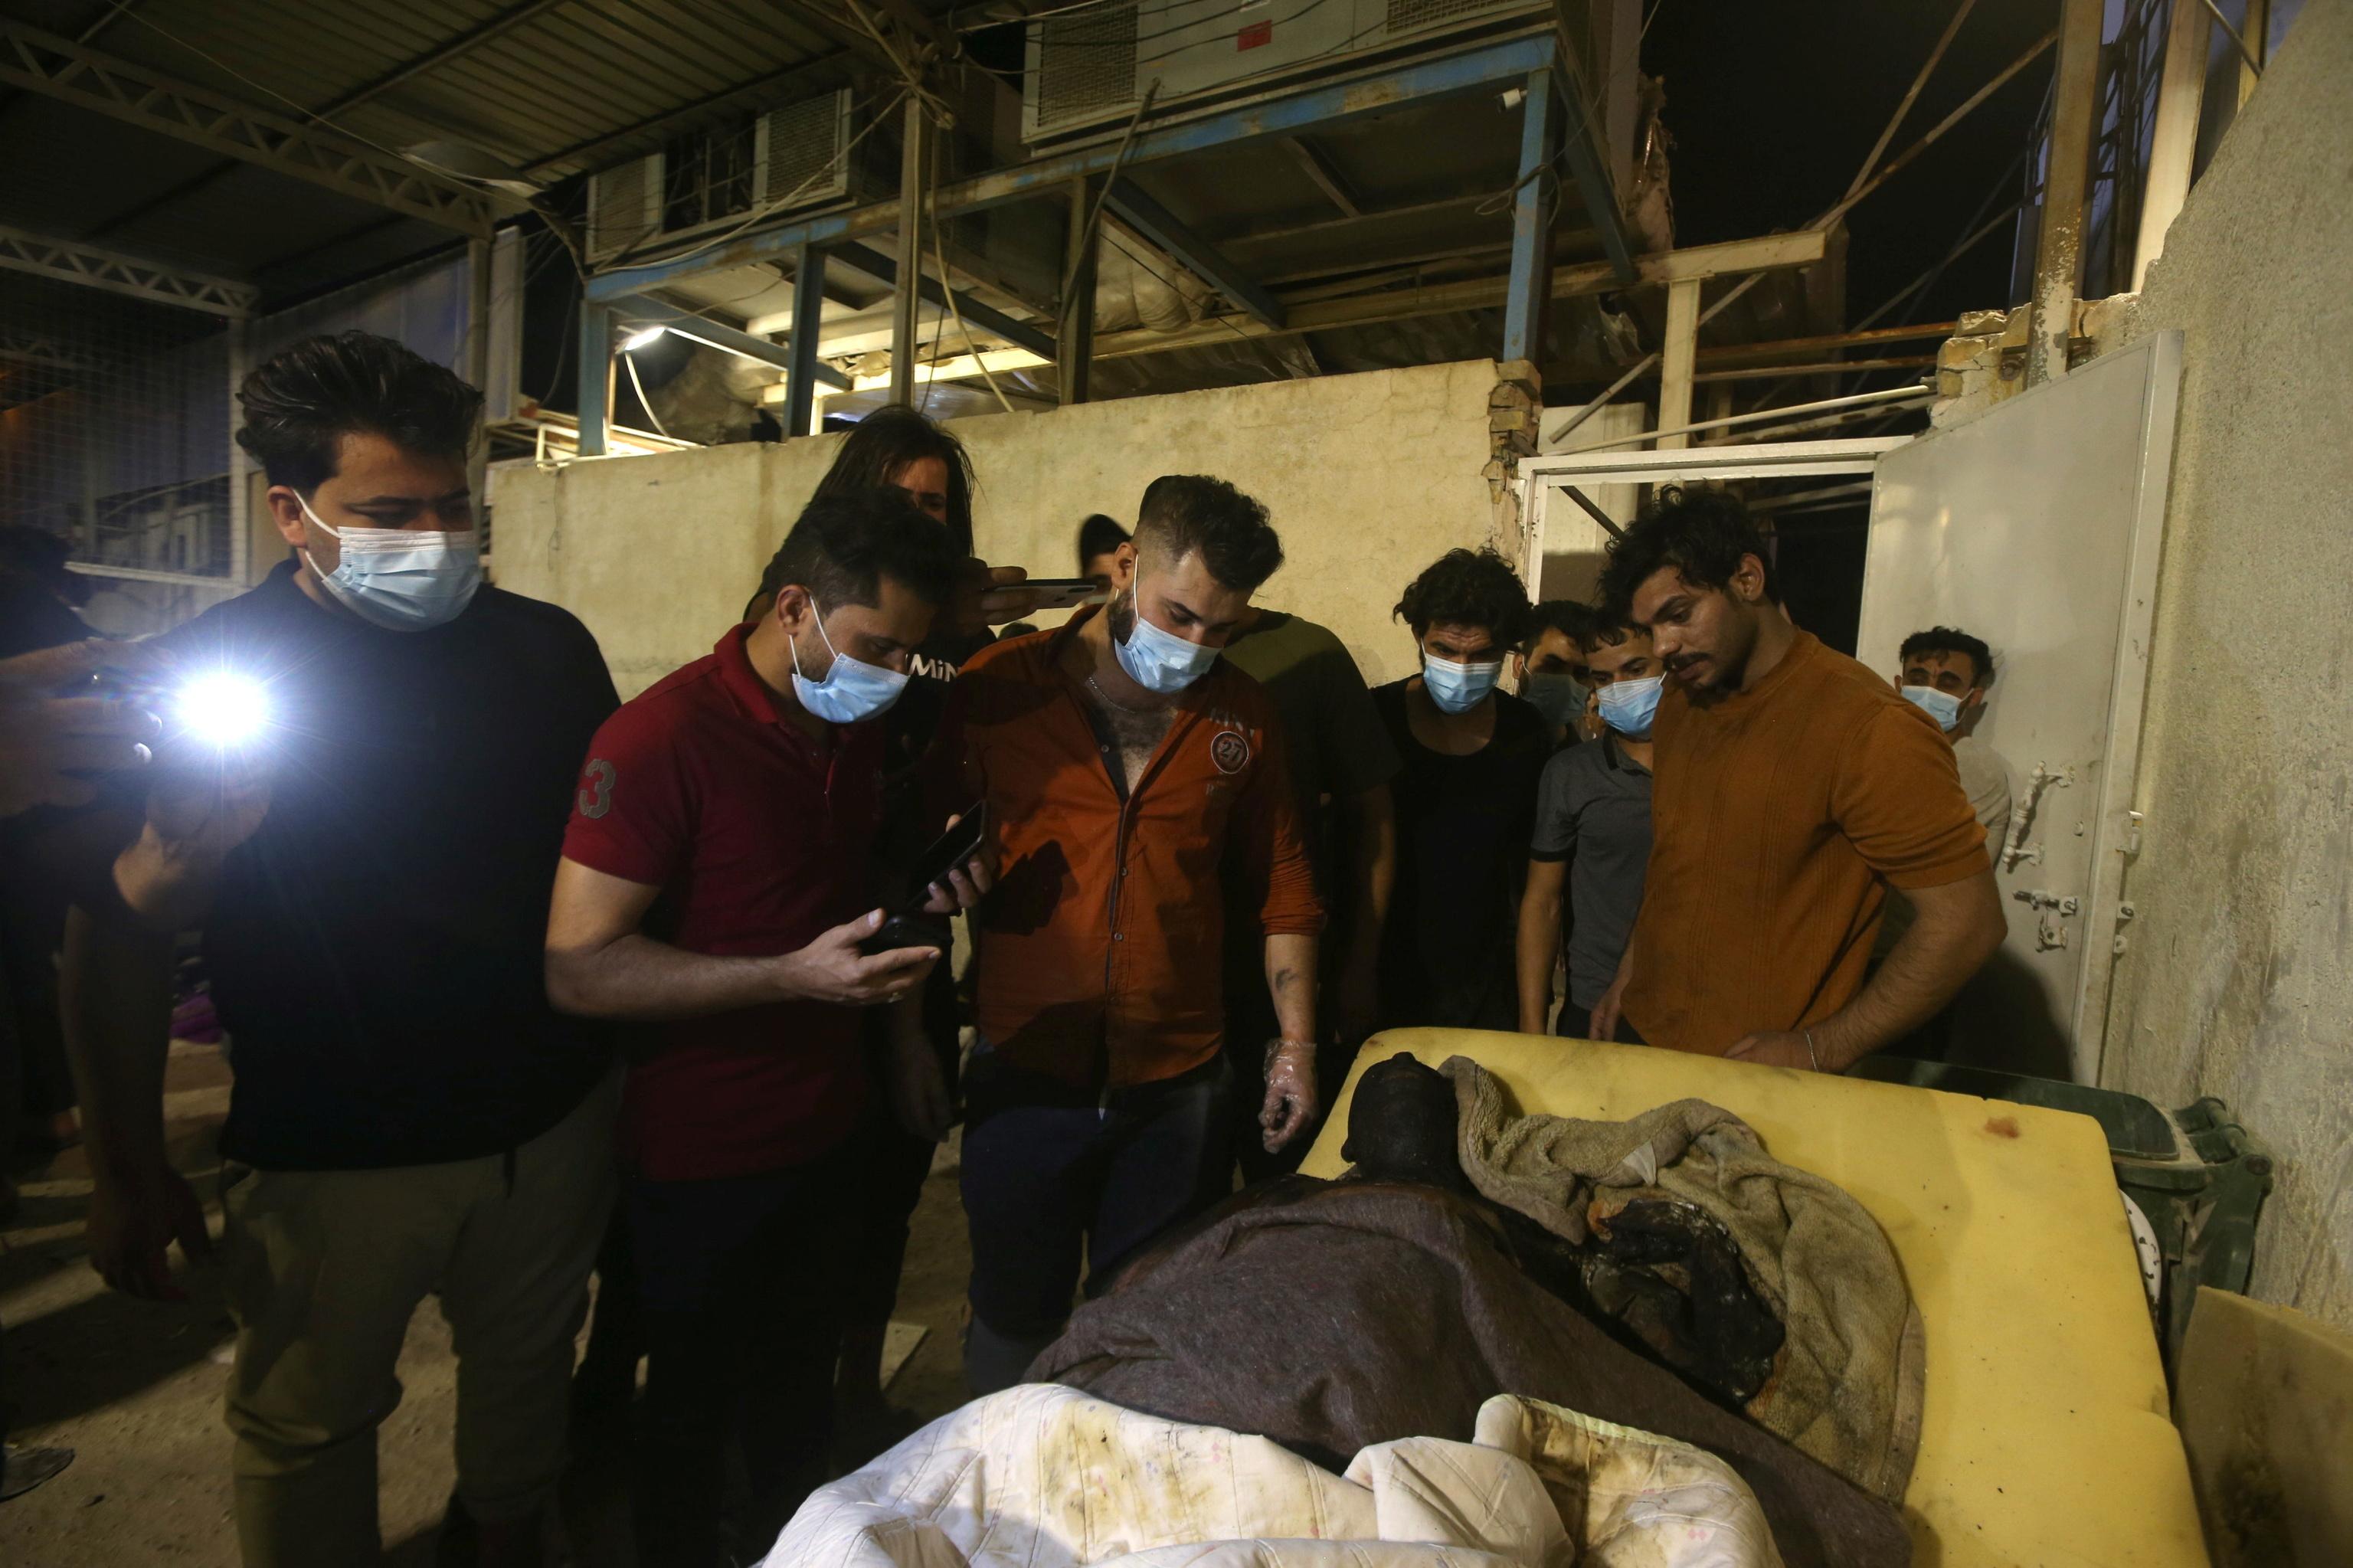 Vecinos protegidos con mascarilla inspeccionan el cadáver de una de las personas fallecidas en el incendio.